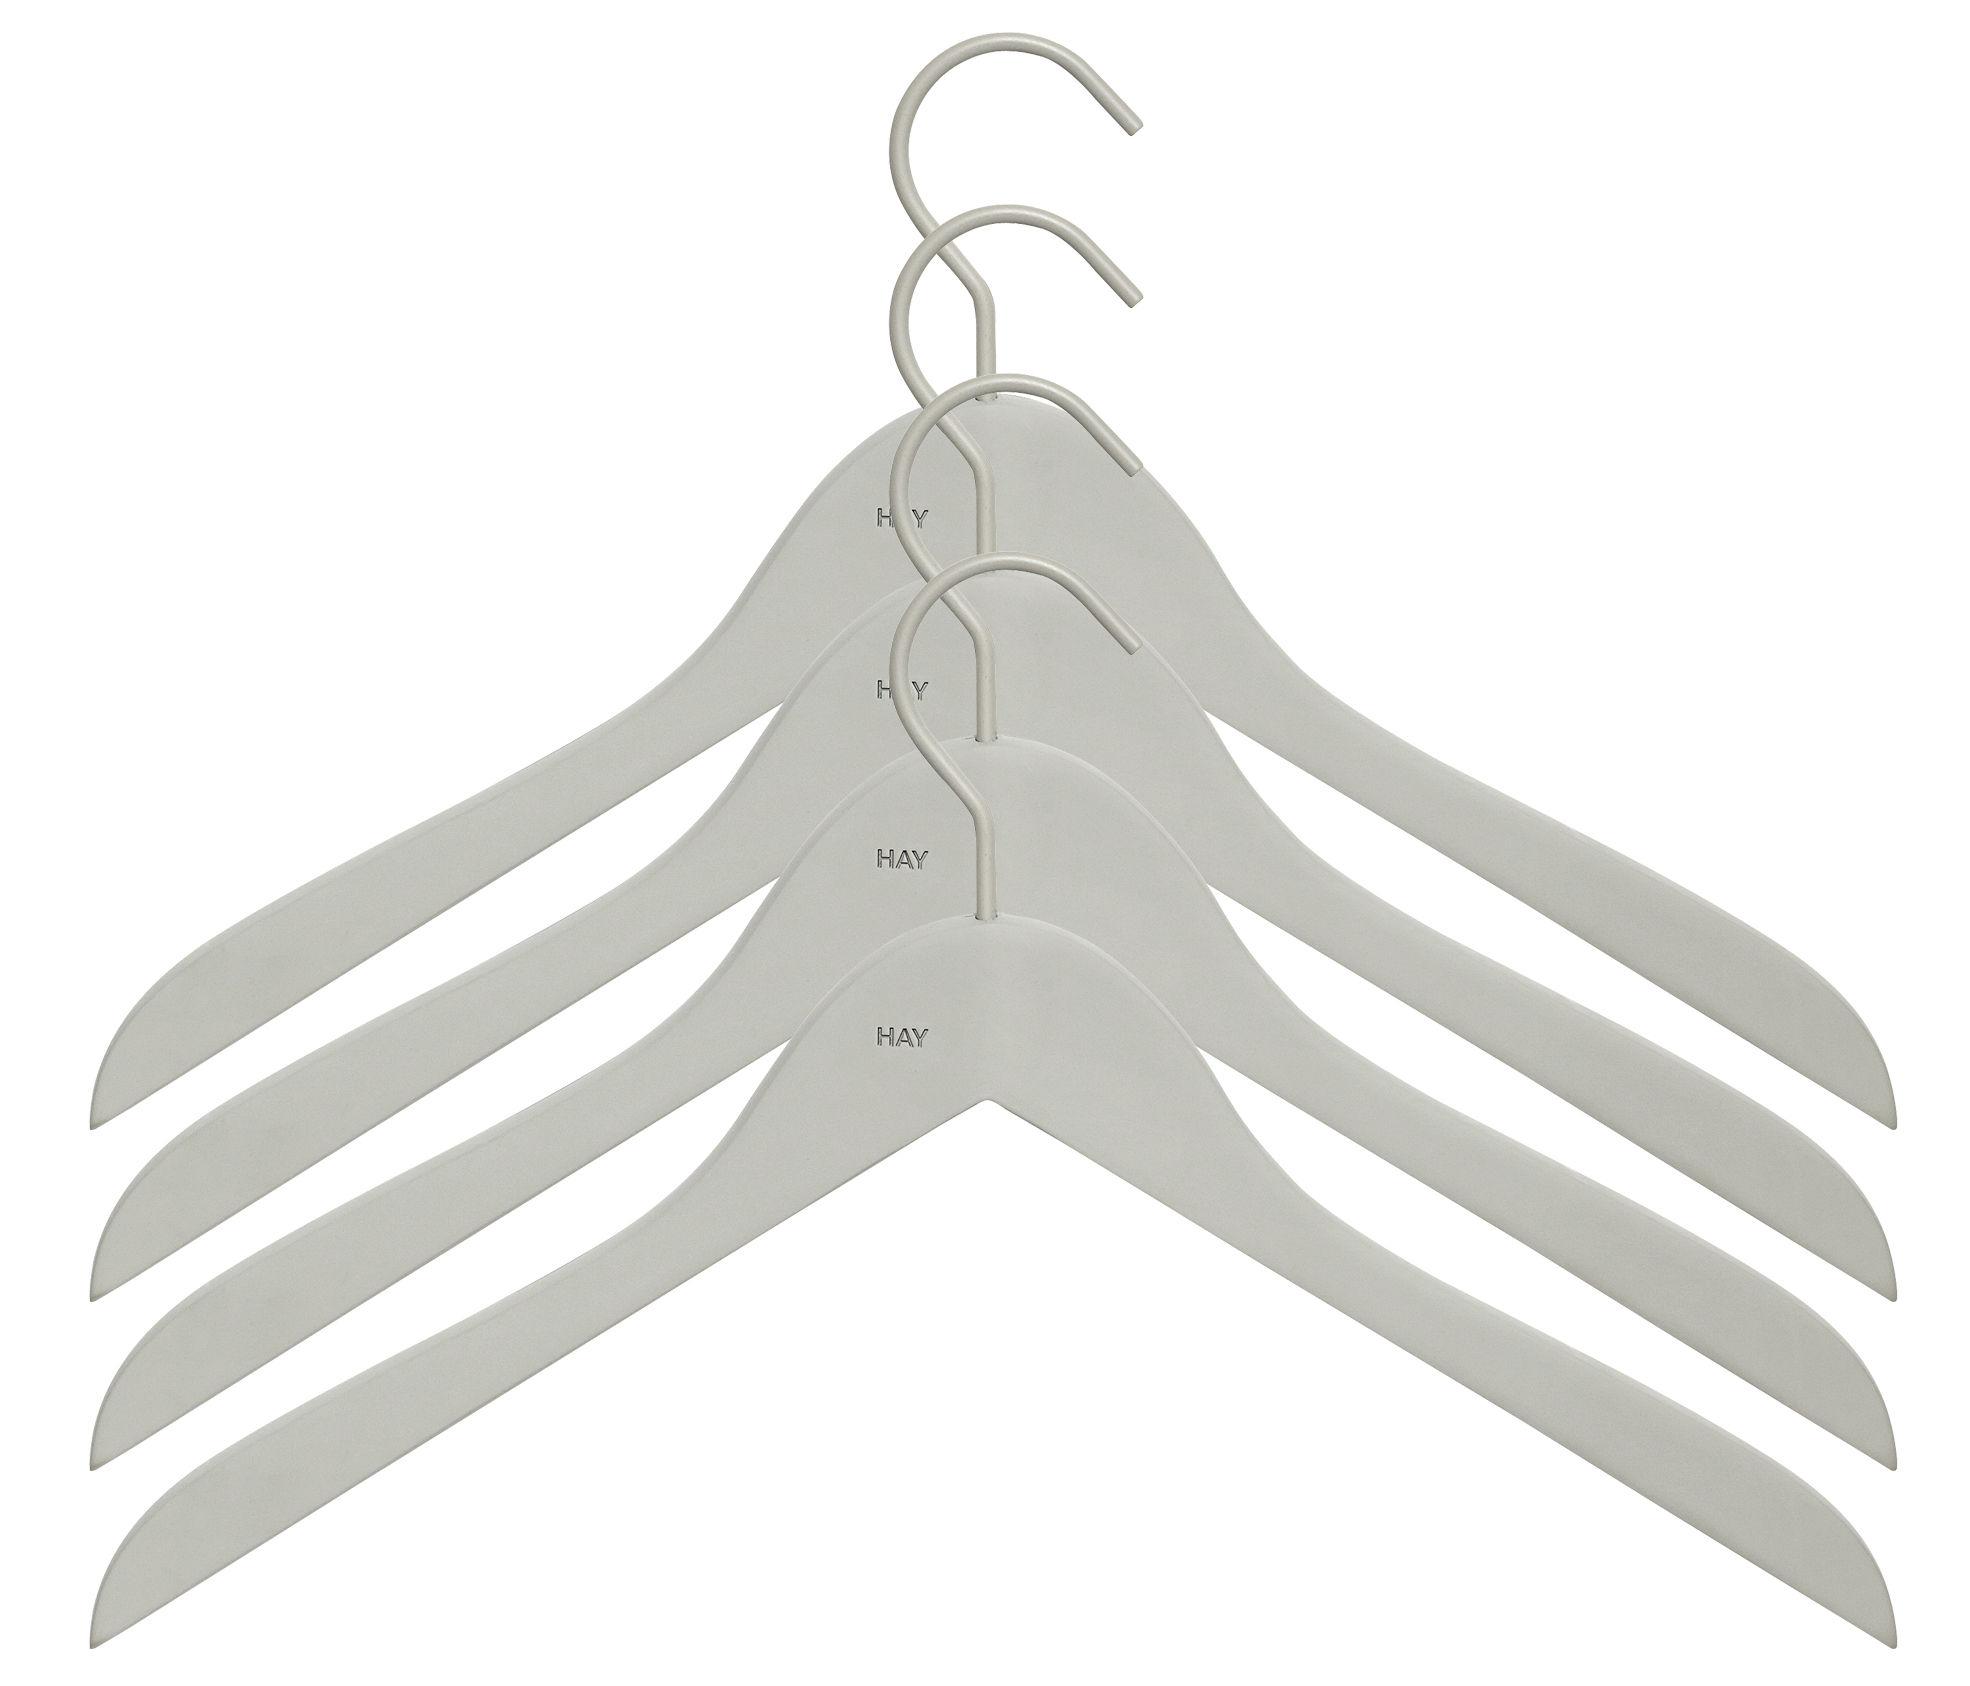 Dekoration - Garderoben und Kleiderhaken - Soft Coat Kleiderbügel schmal / 4er-Set - Hay - Schmale Bügel / grau - Holz, Kautschuk